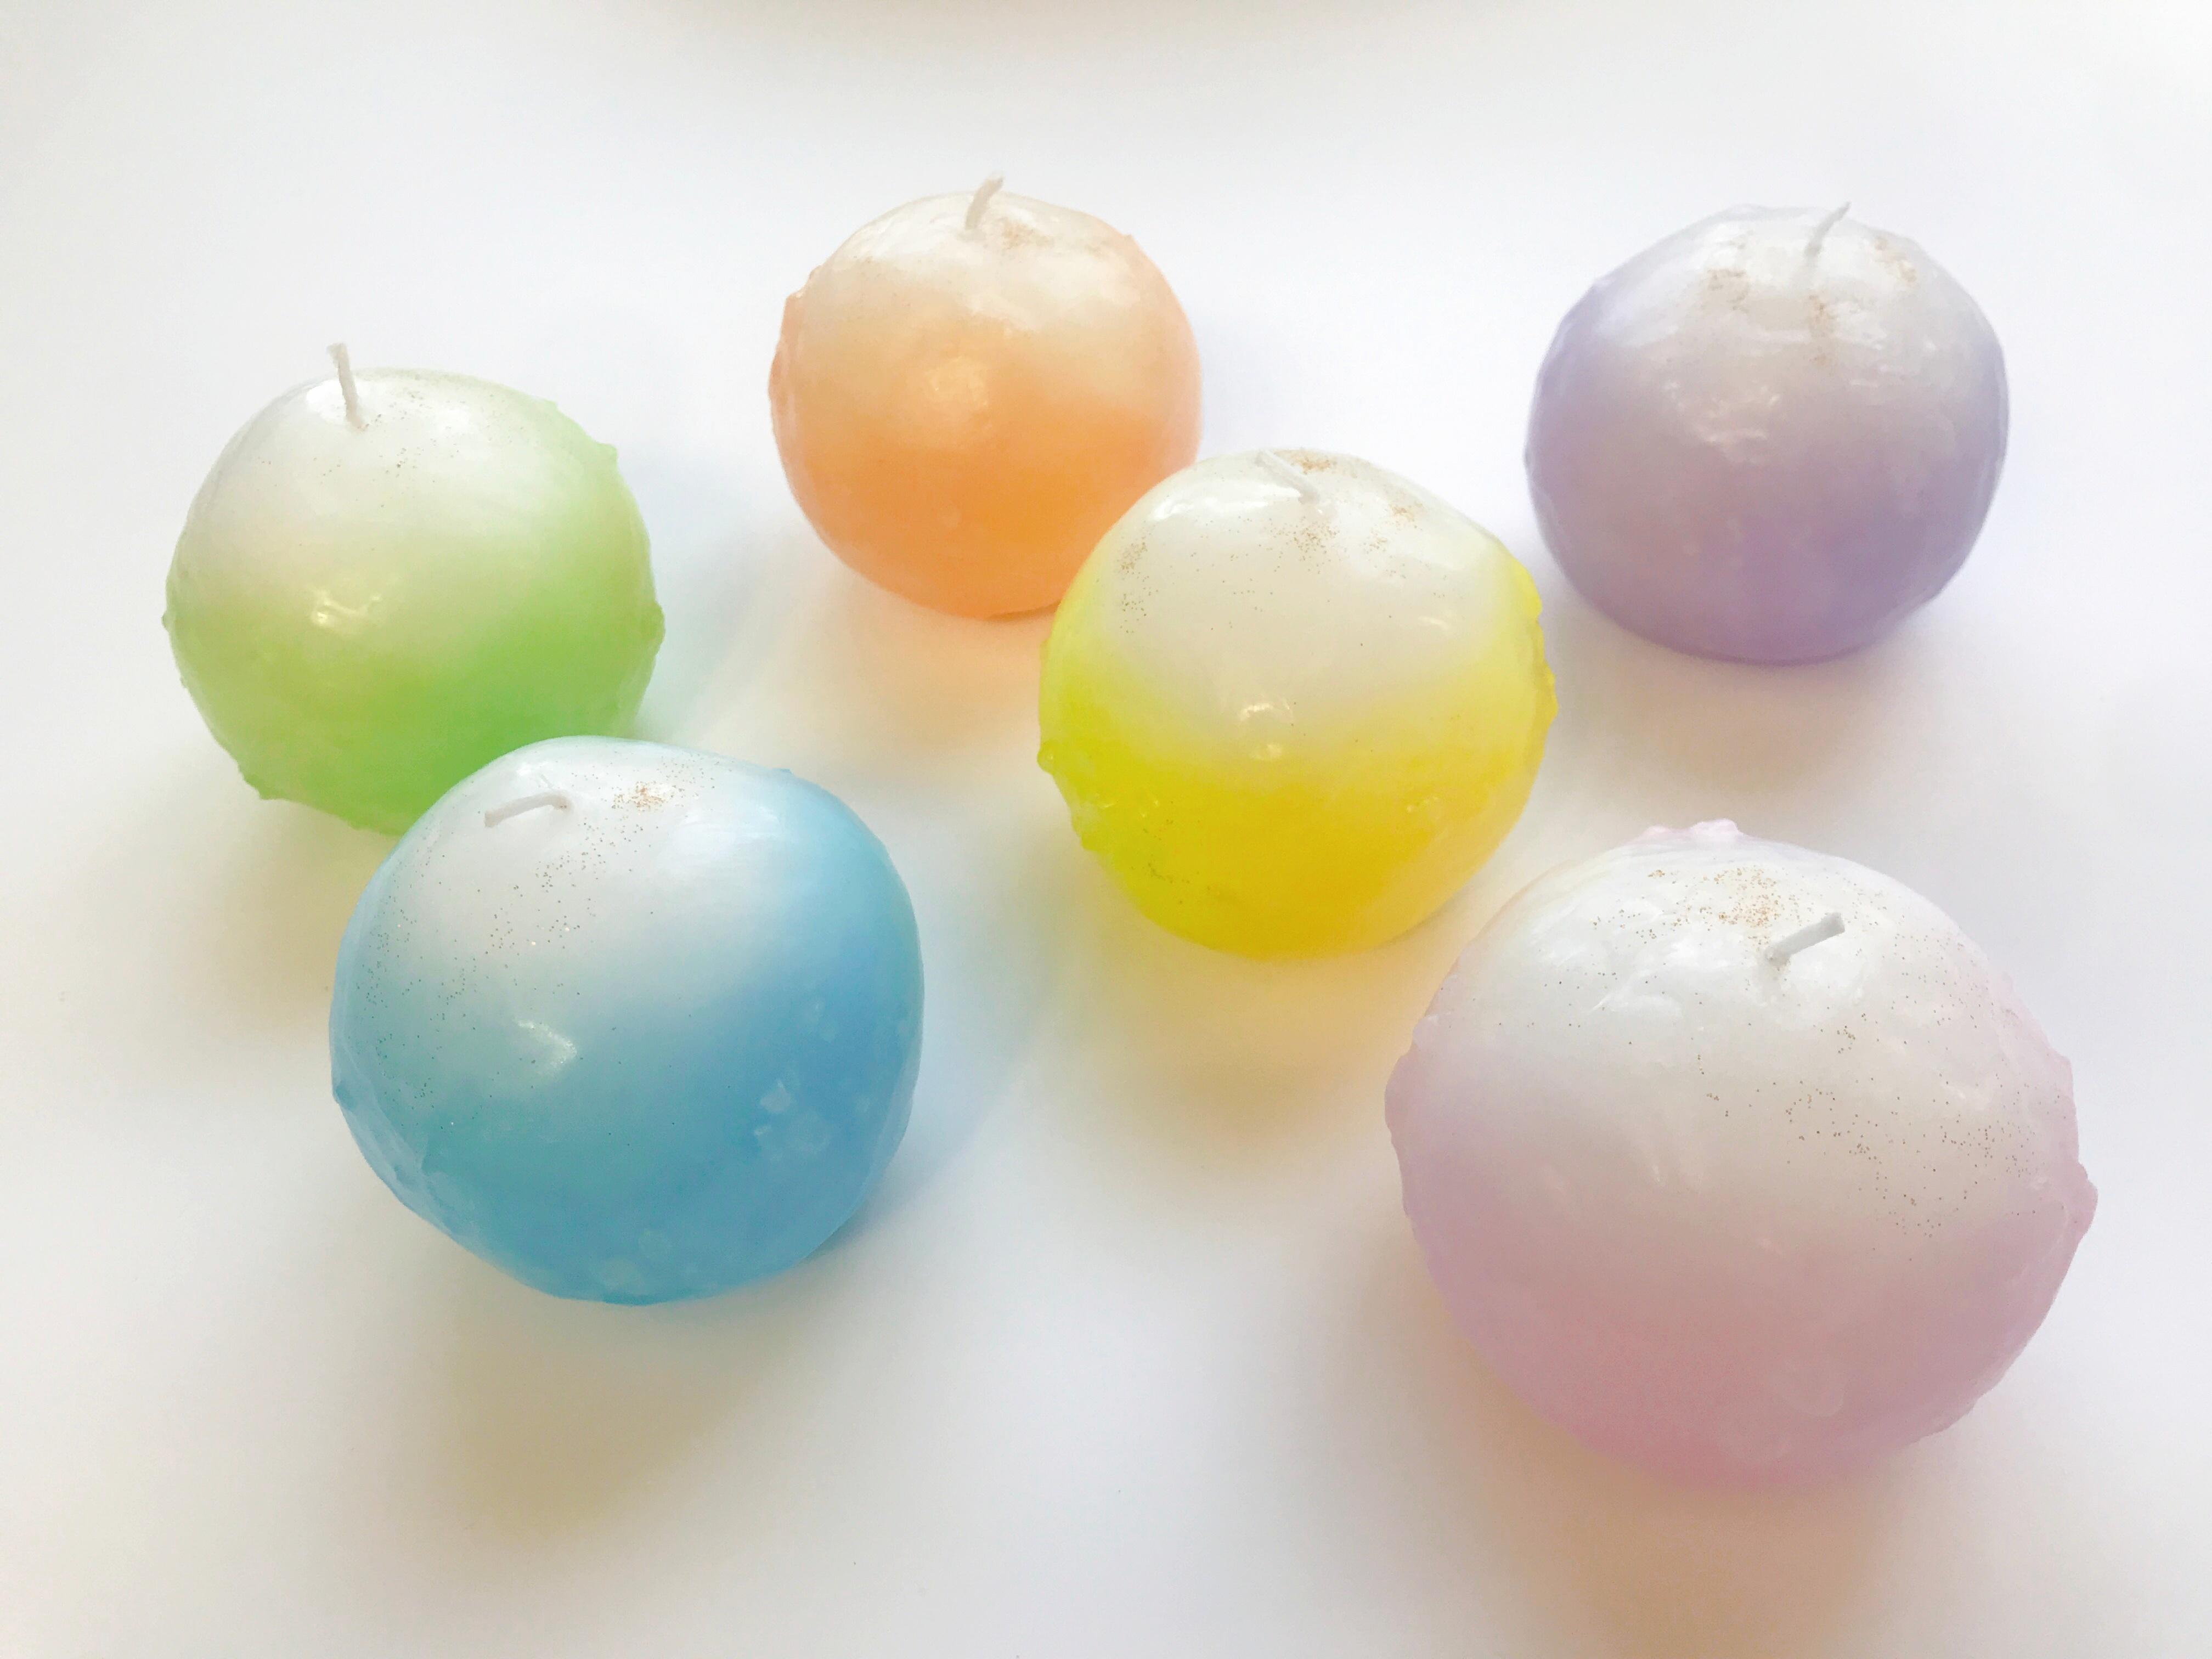 盛り塩がキャンドルになった浄®キャンドル<6色展開:B-7 Mサイズ>